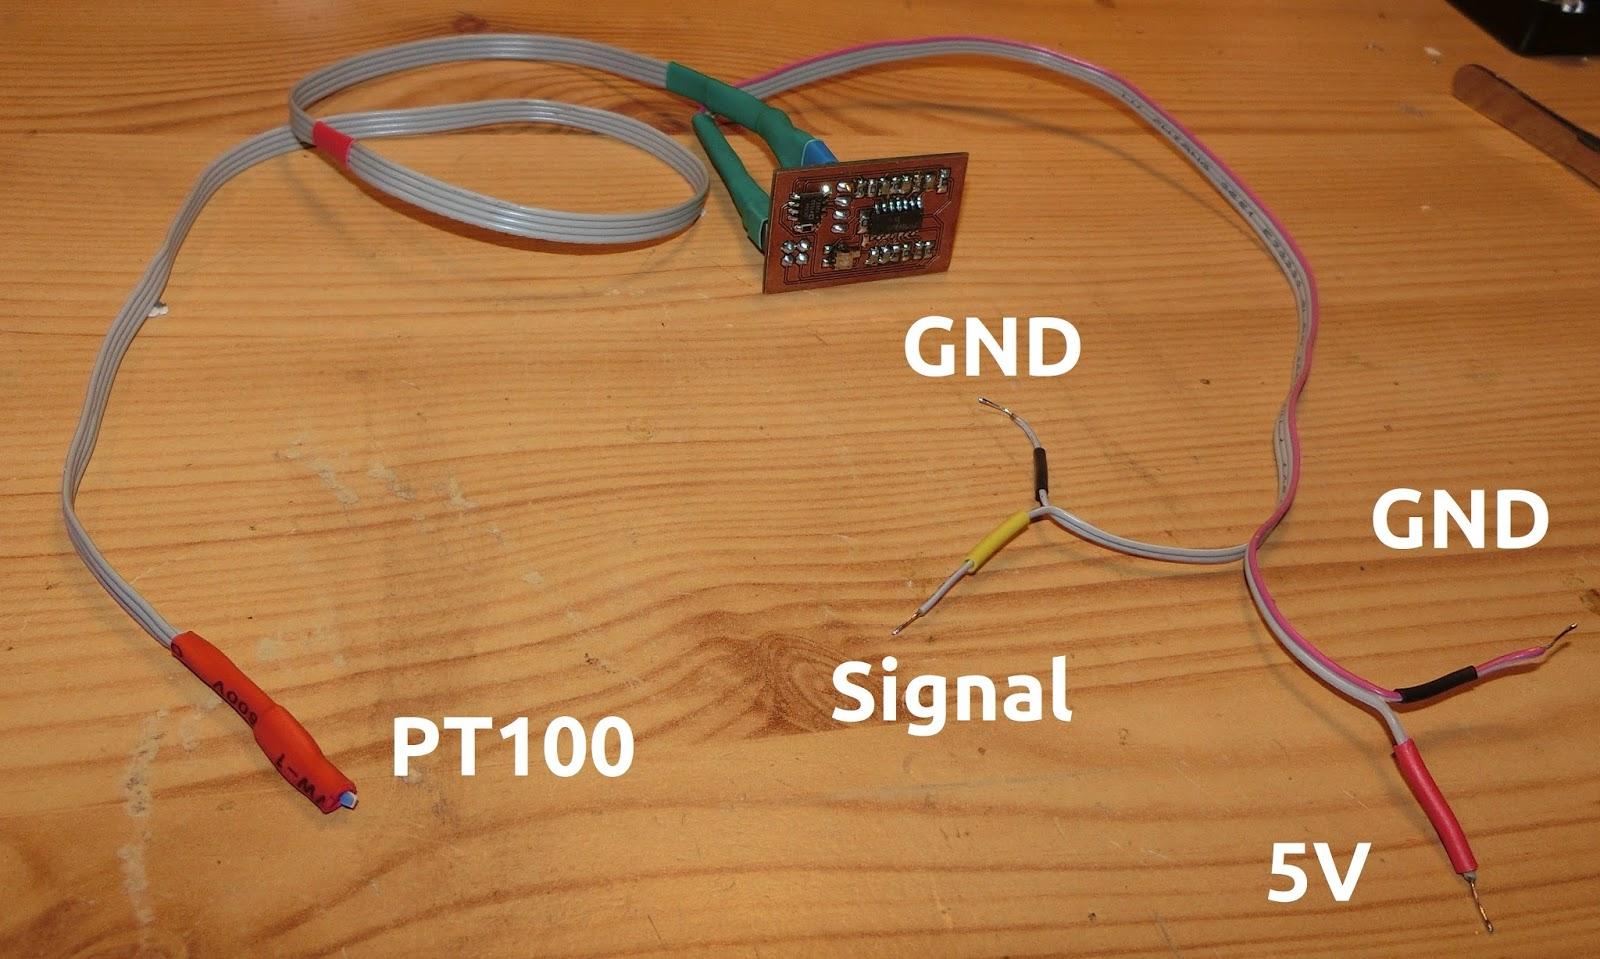 Tzen Lten Programmieren Ein Einfaches Thermometer Mit Pt100 Konstantstromquelle Fuer Power Led Mikrocontrollernet